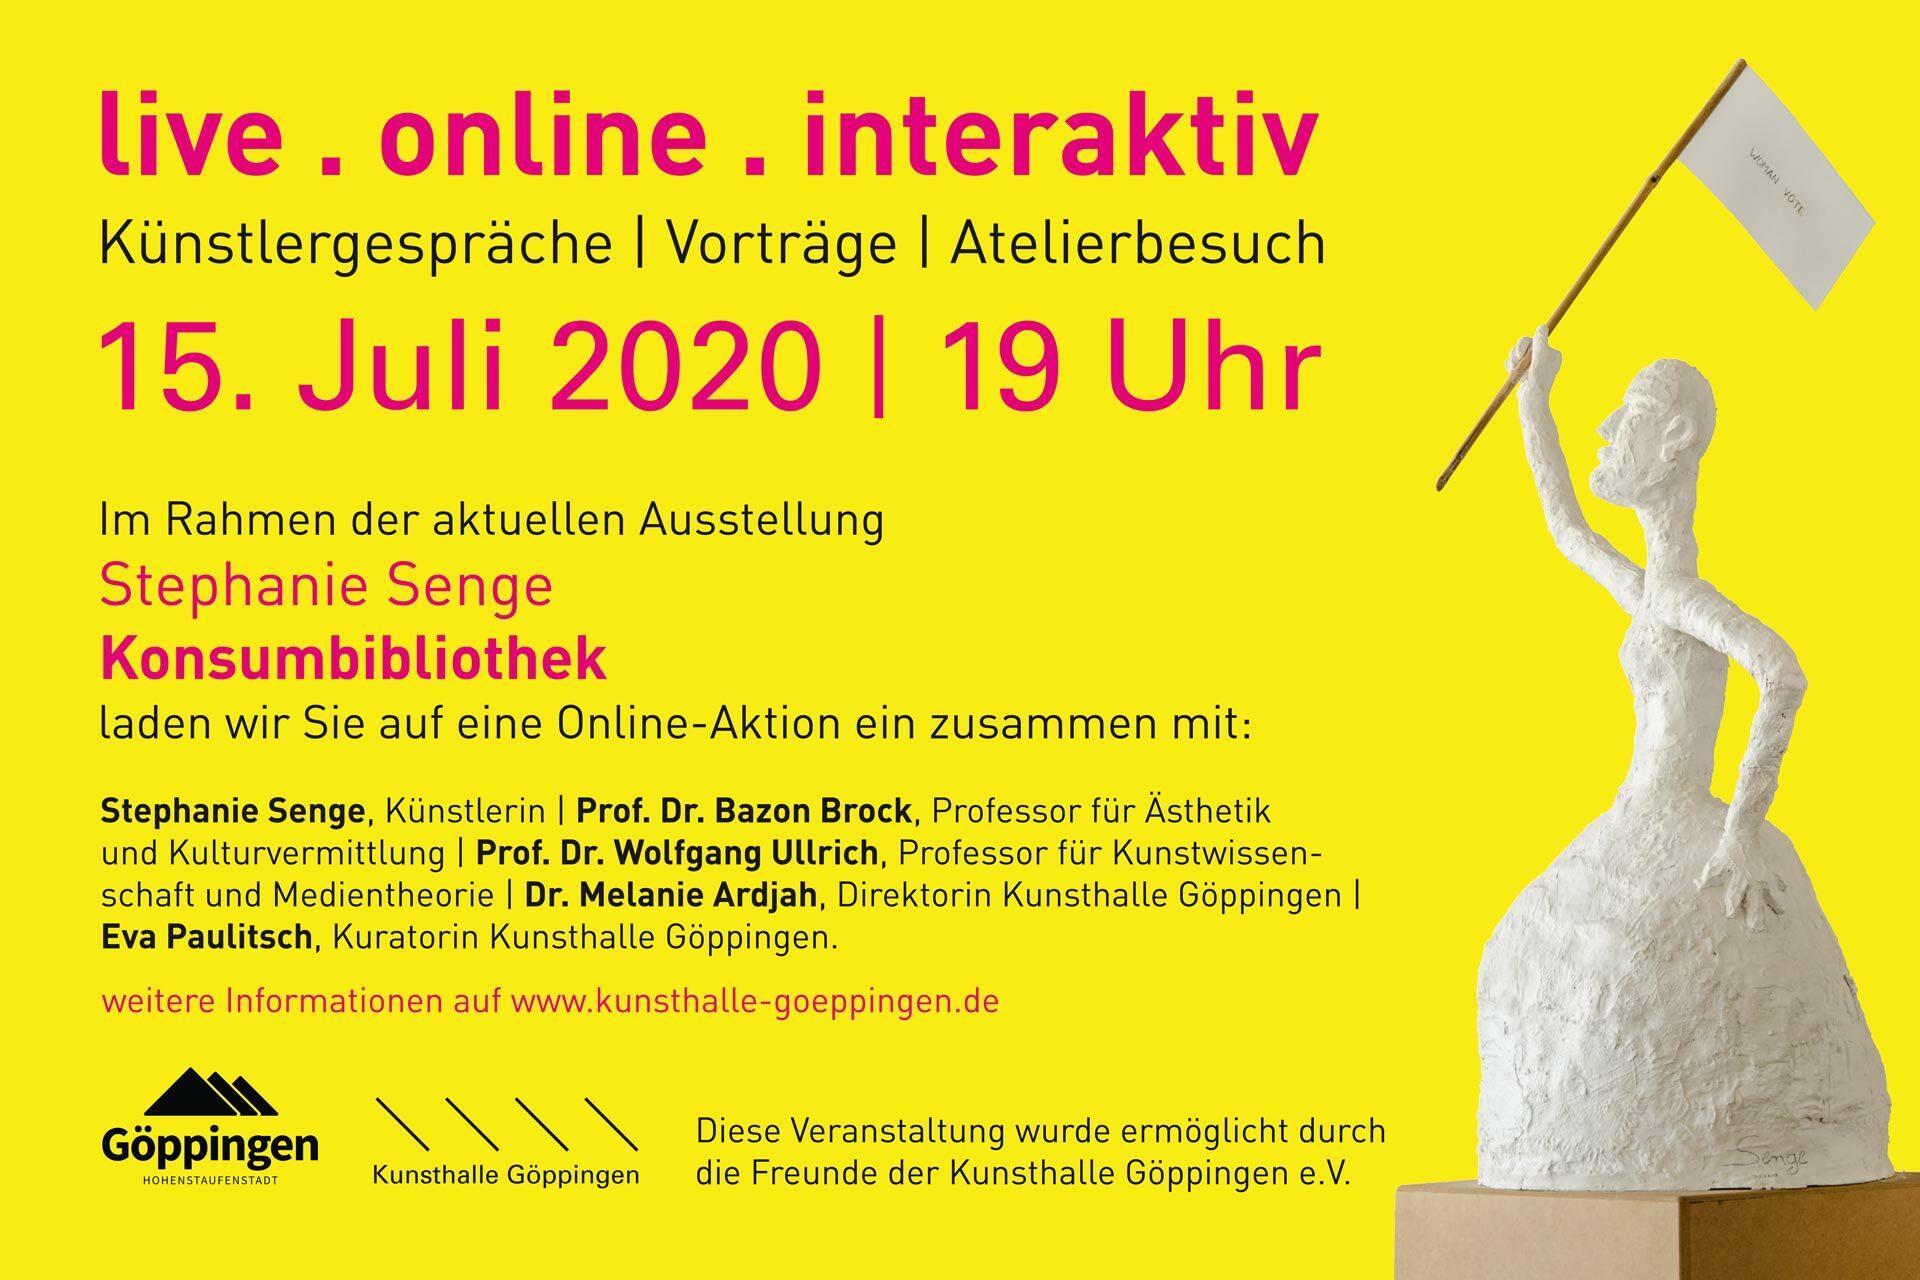 Agentur Ressmann   Kunsthalle Göppingen   Online